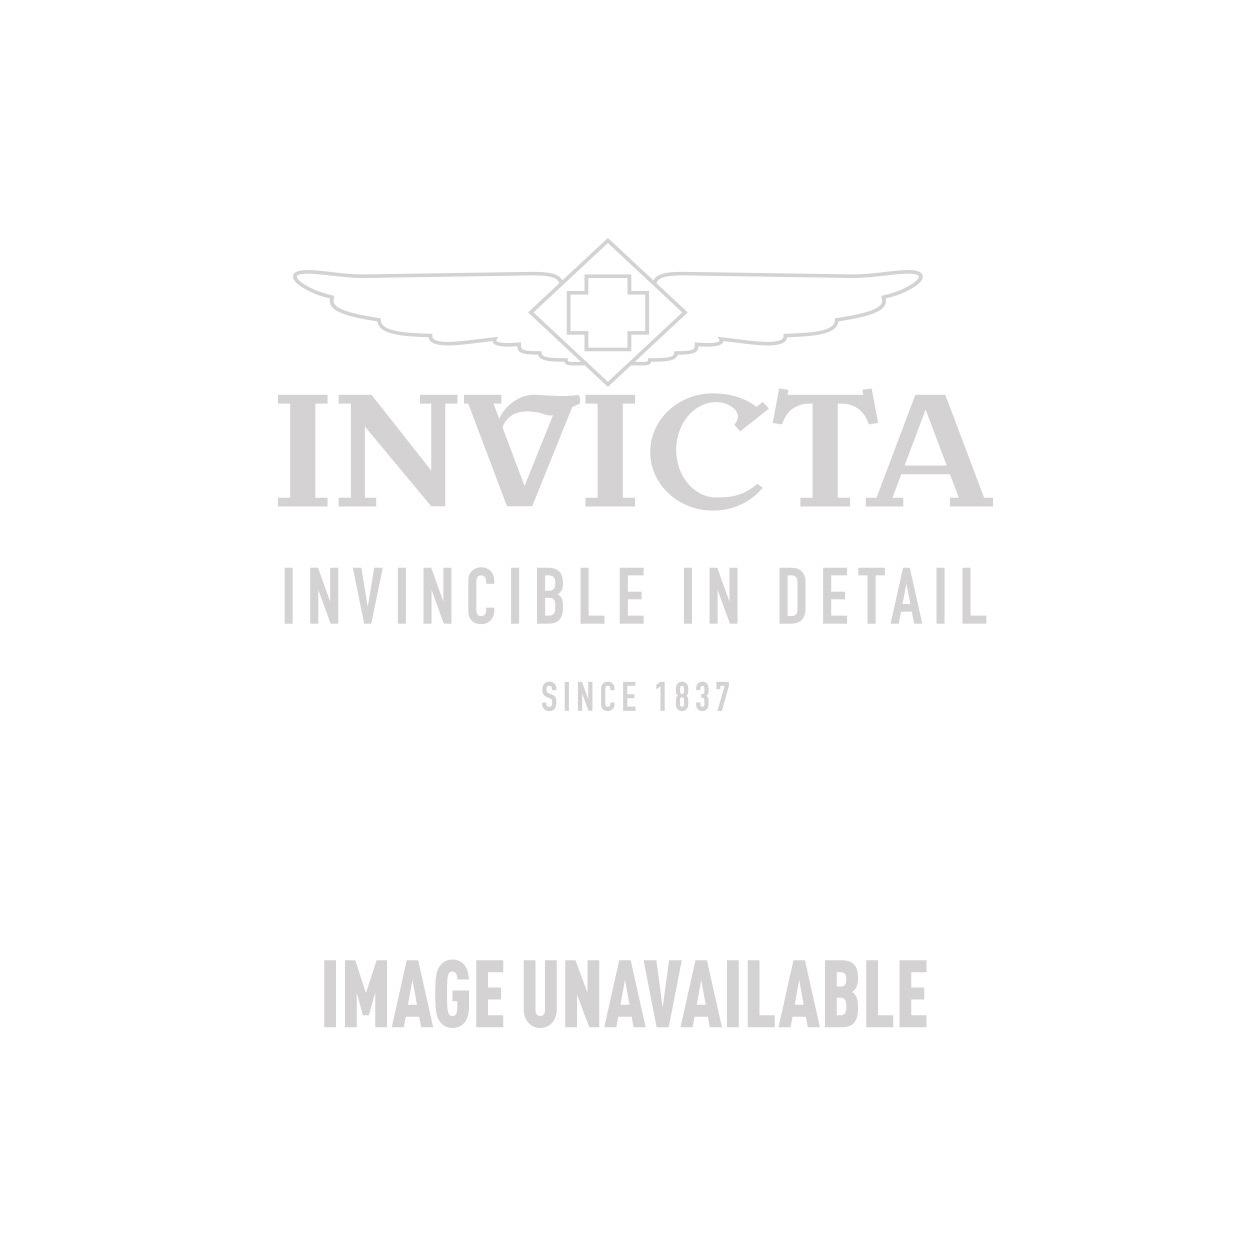 Invicta Model 27243